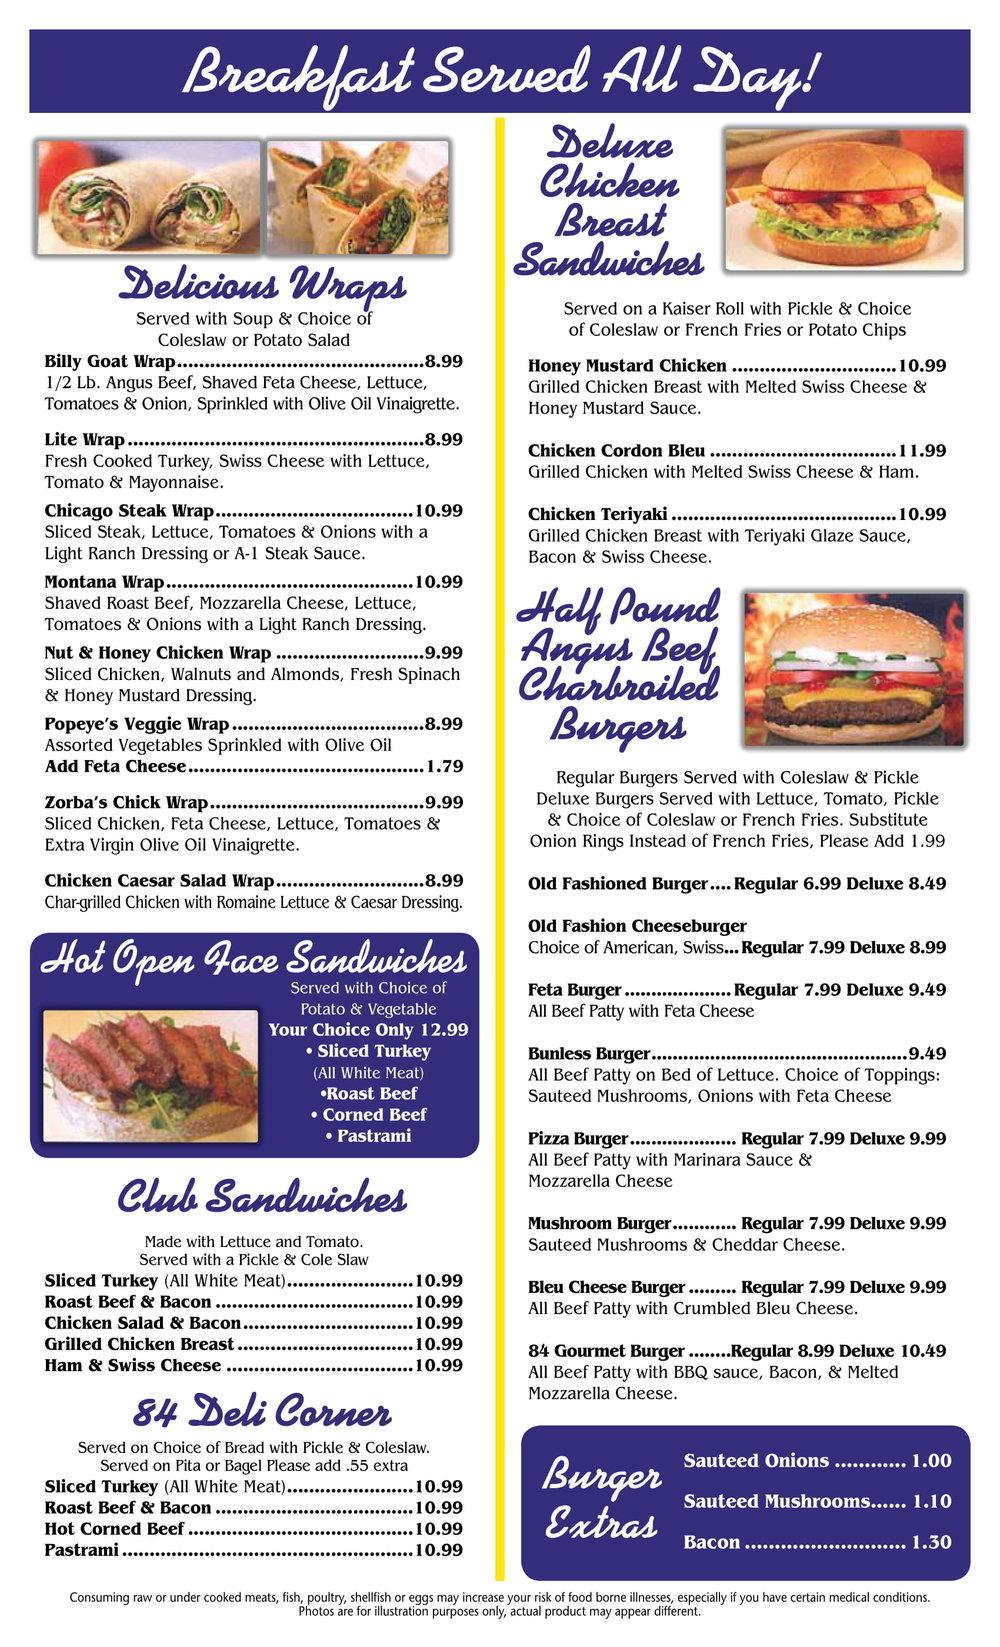 2018-1203_84 Diner menu-4.jpg